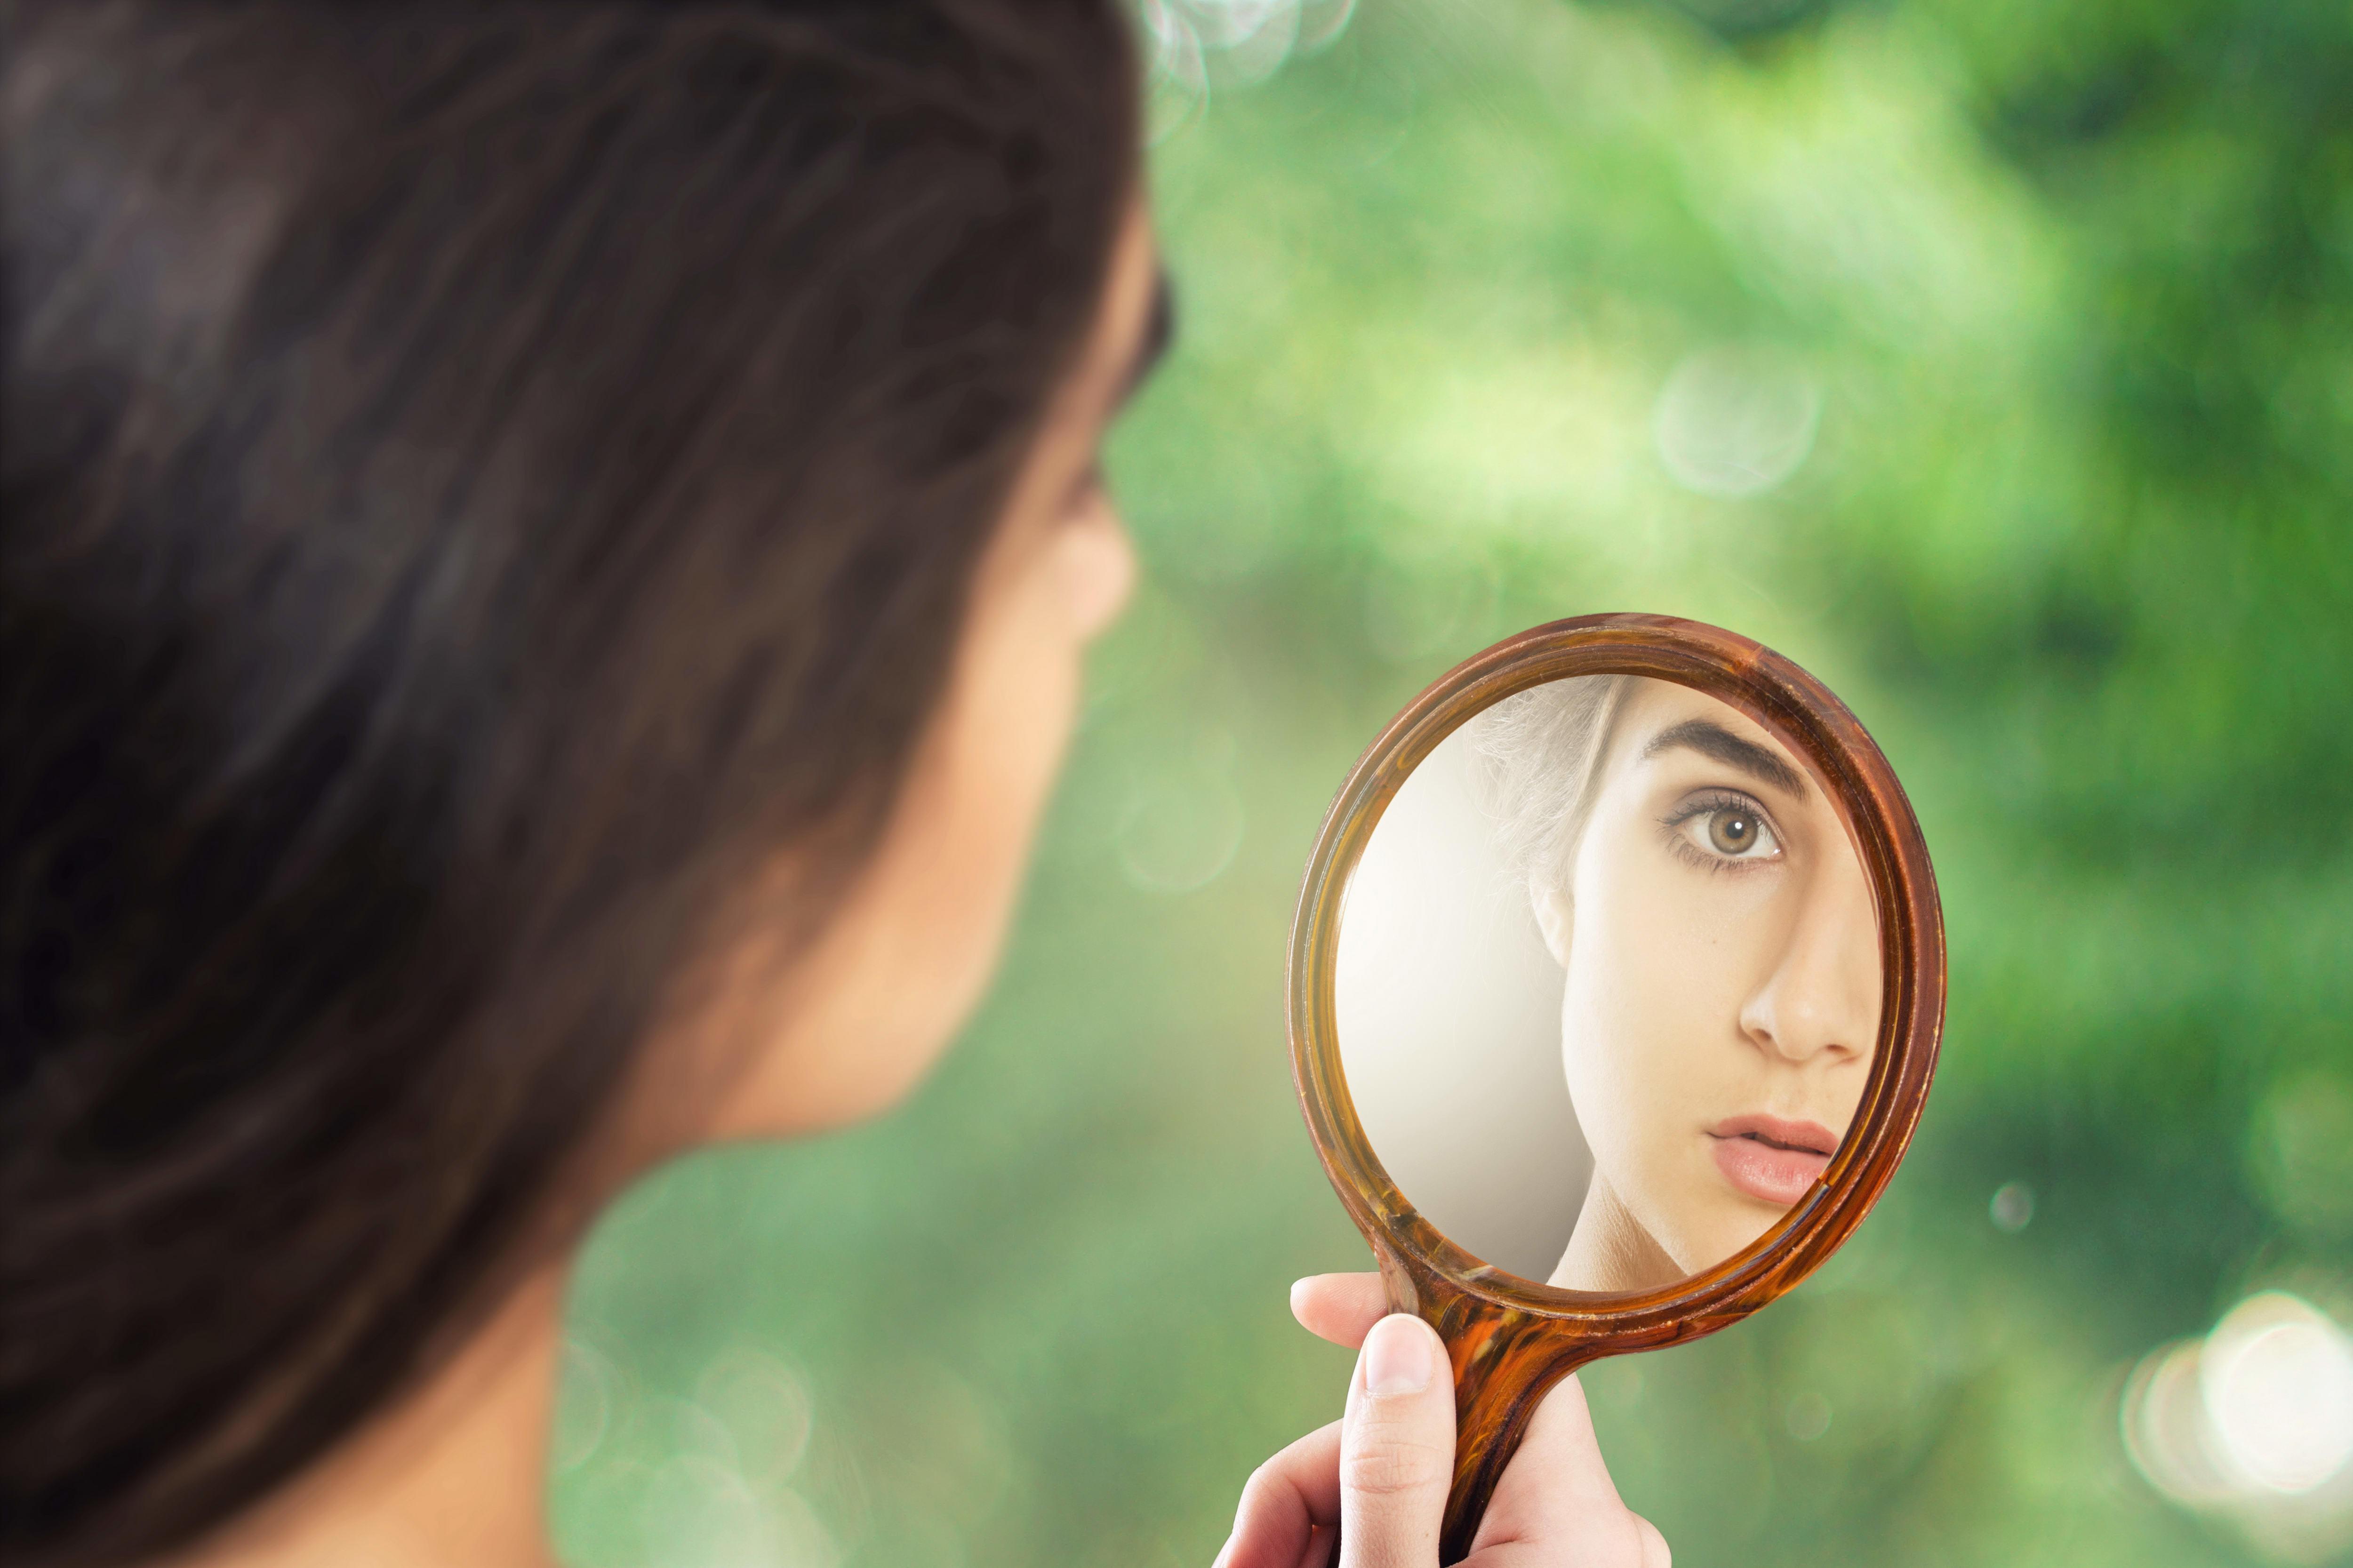 схема монтажа фото приложить друг к другу и зеркала сверкает огнем красивым